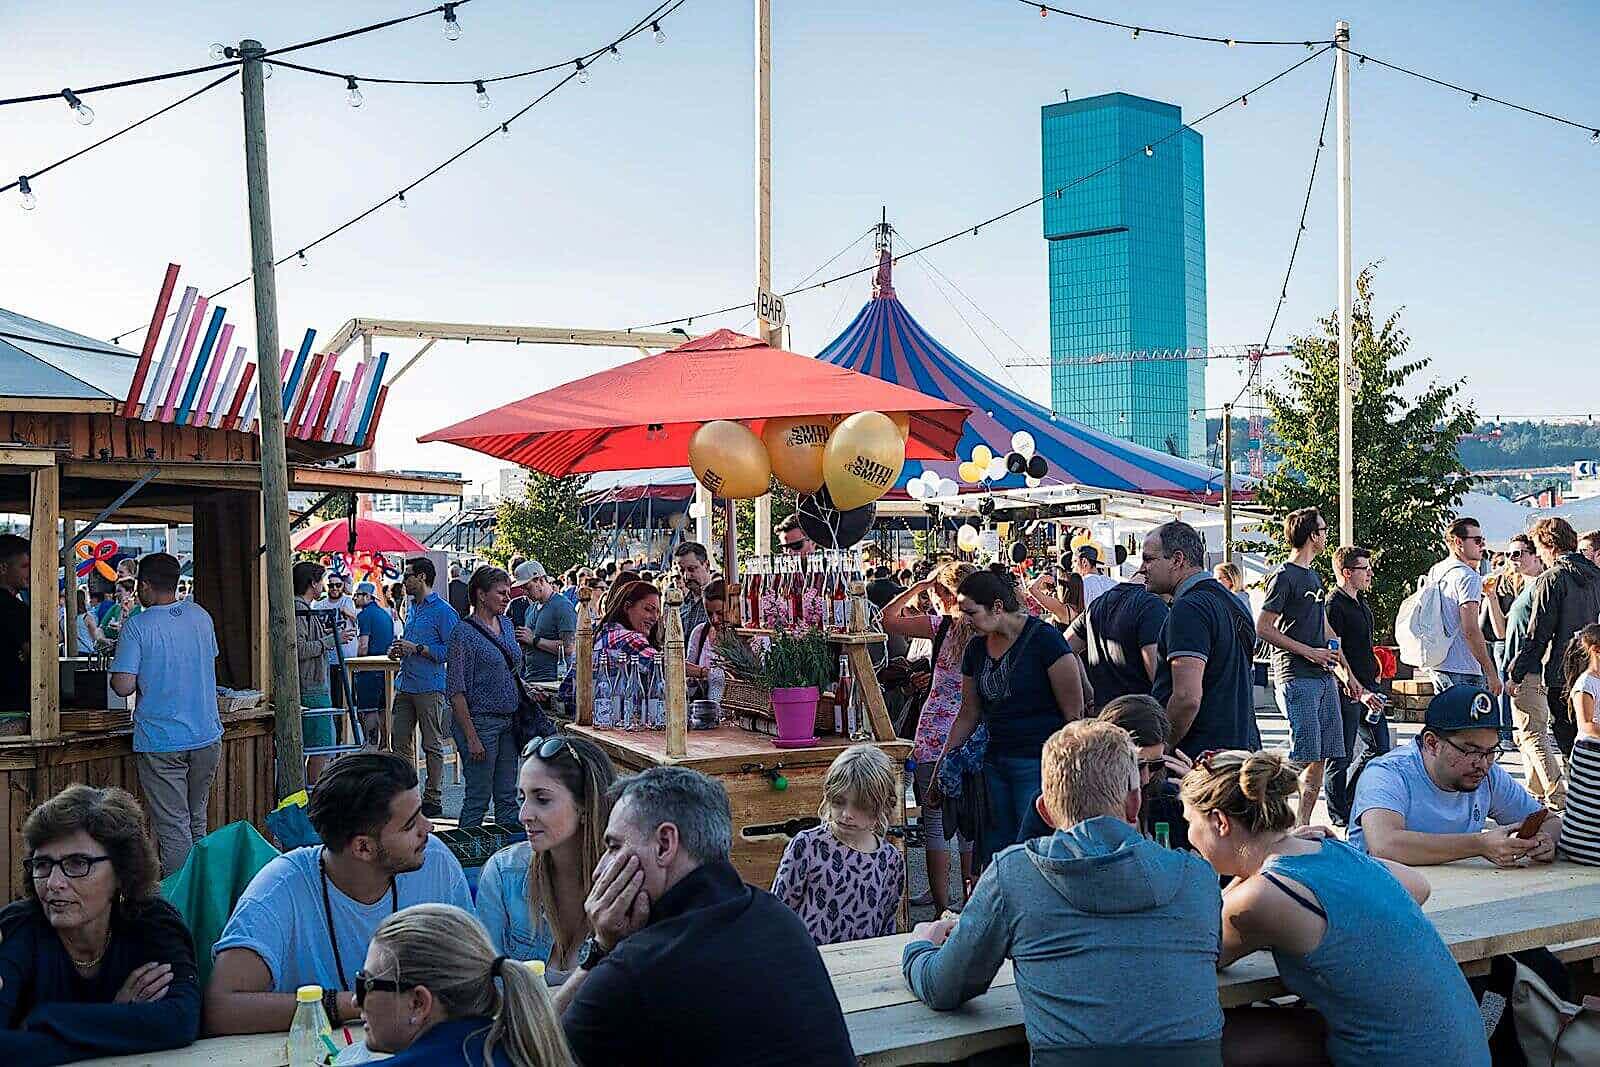 Menschen auf einem street food festival, verschiedene Zelte, im Hintergrund ein Hochhaus